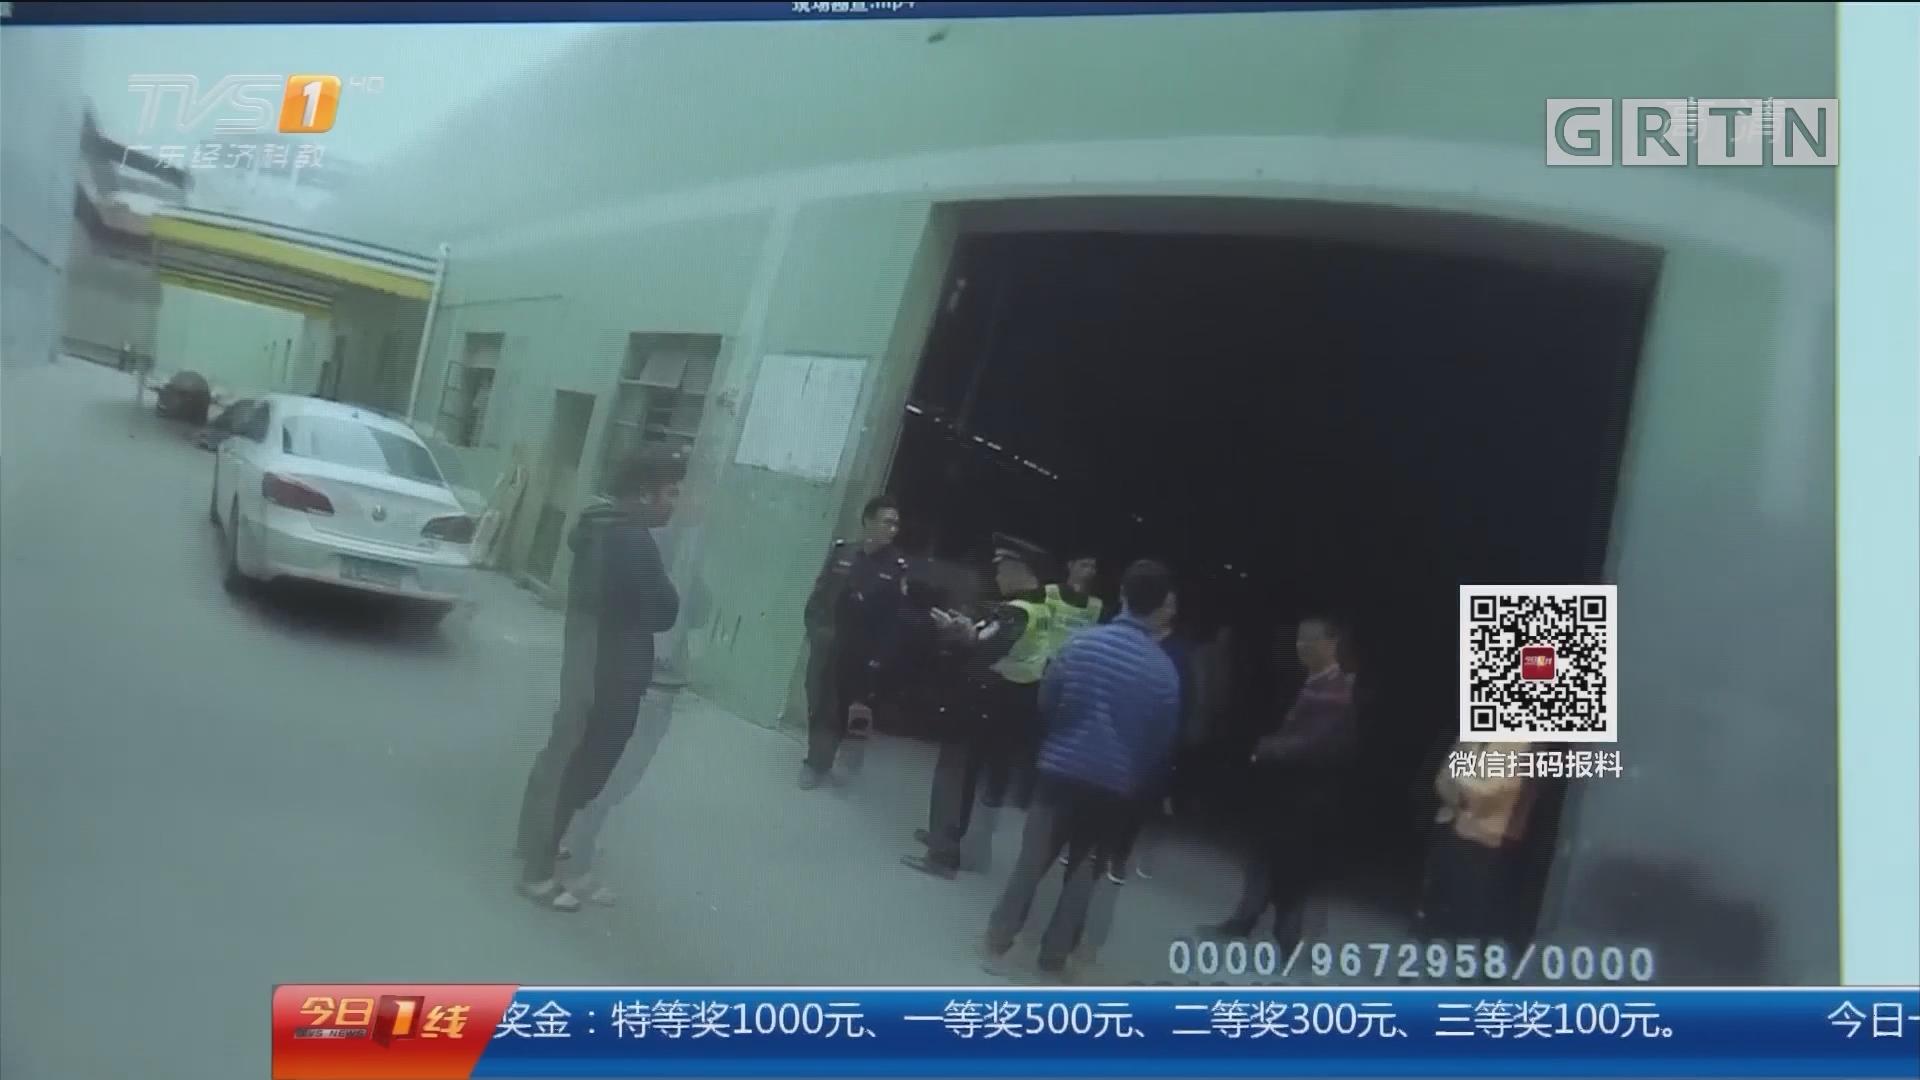 佛山顺德:仓库假期被盗 实名火车票助警破案